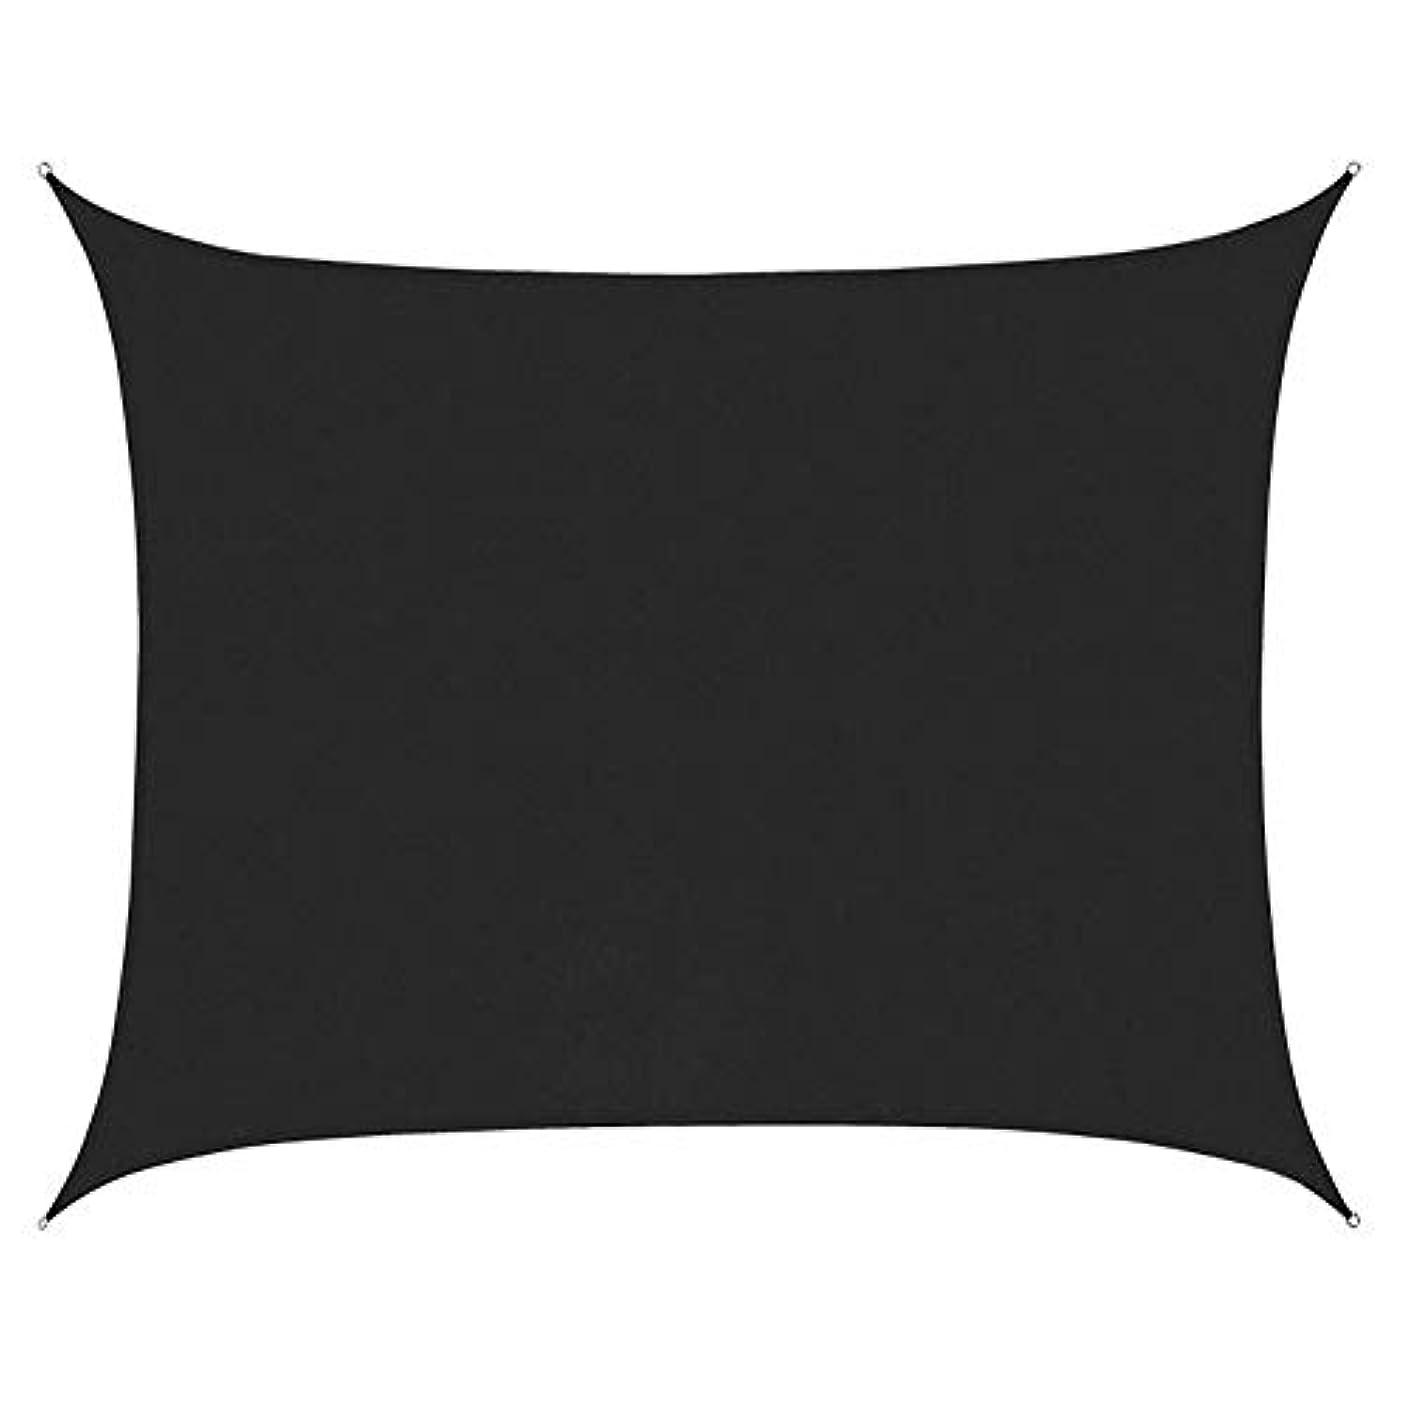 気取らない出身地ギャングスター屋外の防水日よけの帆、95%遮光率防風、薄い、UVブロックオックスフォードポリエステル布パティオガーデンバーベキューエリア3×3メートル(10×10フィート)黒い長方形オーニング